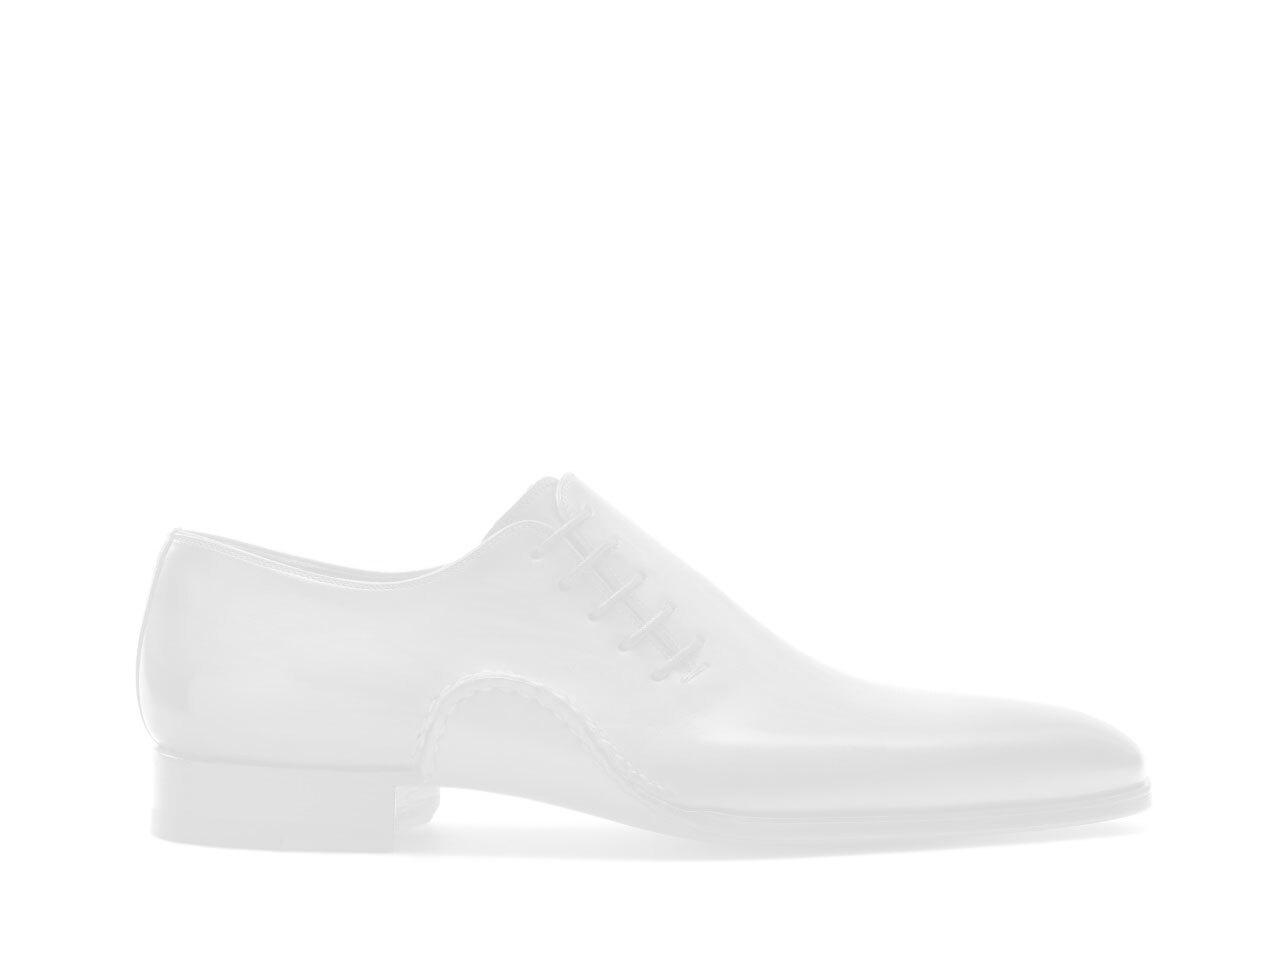 Side view of the Magnanni Saffron Cuero Men's Oxford Shoes